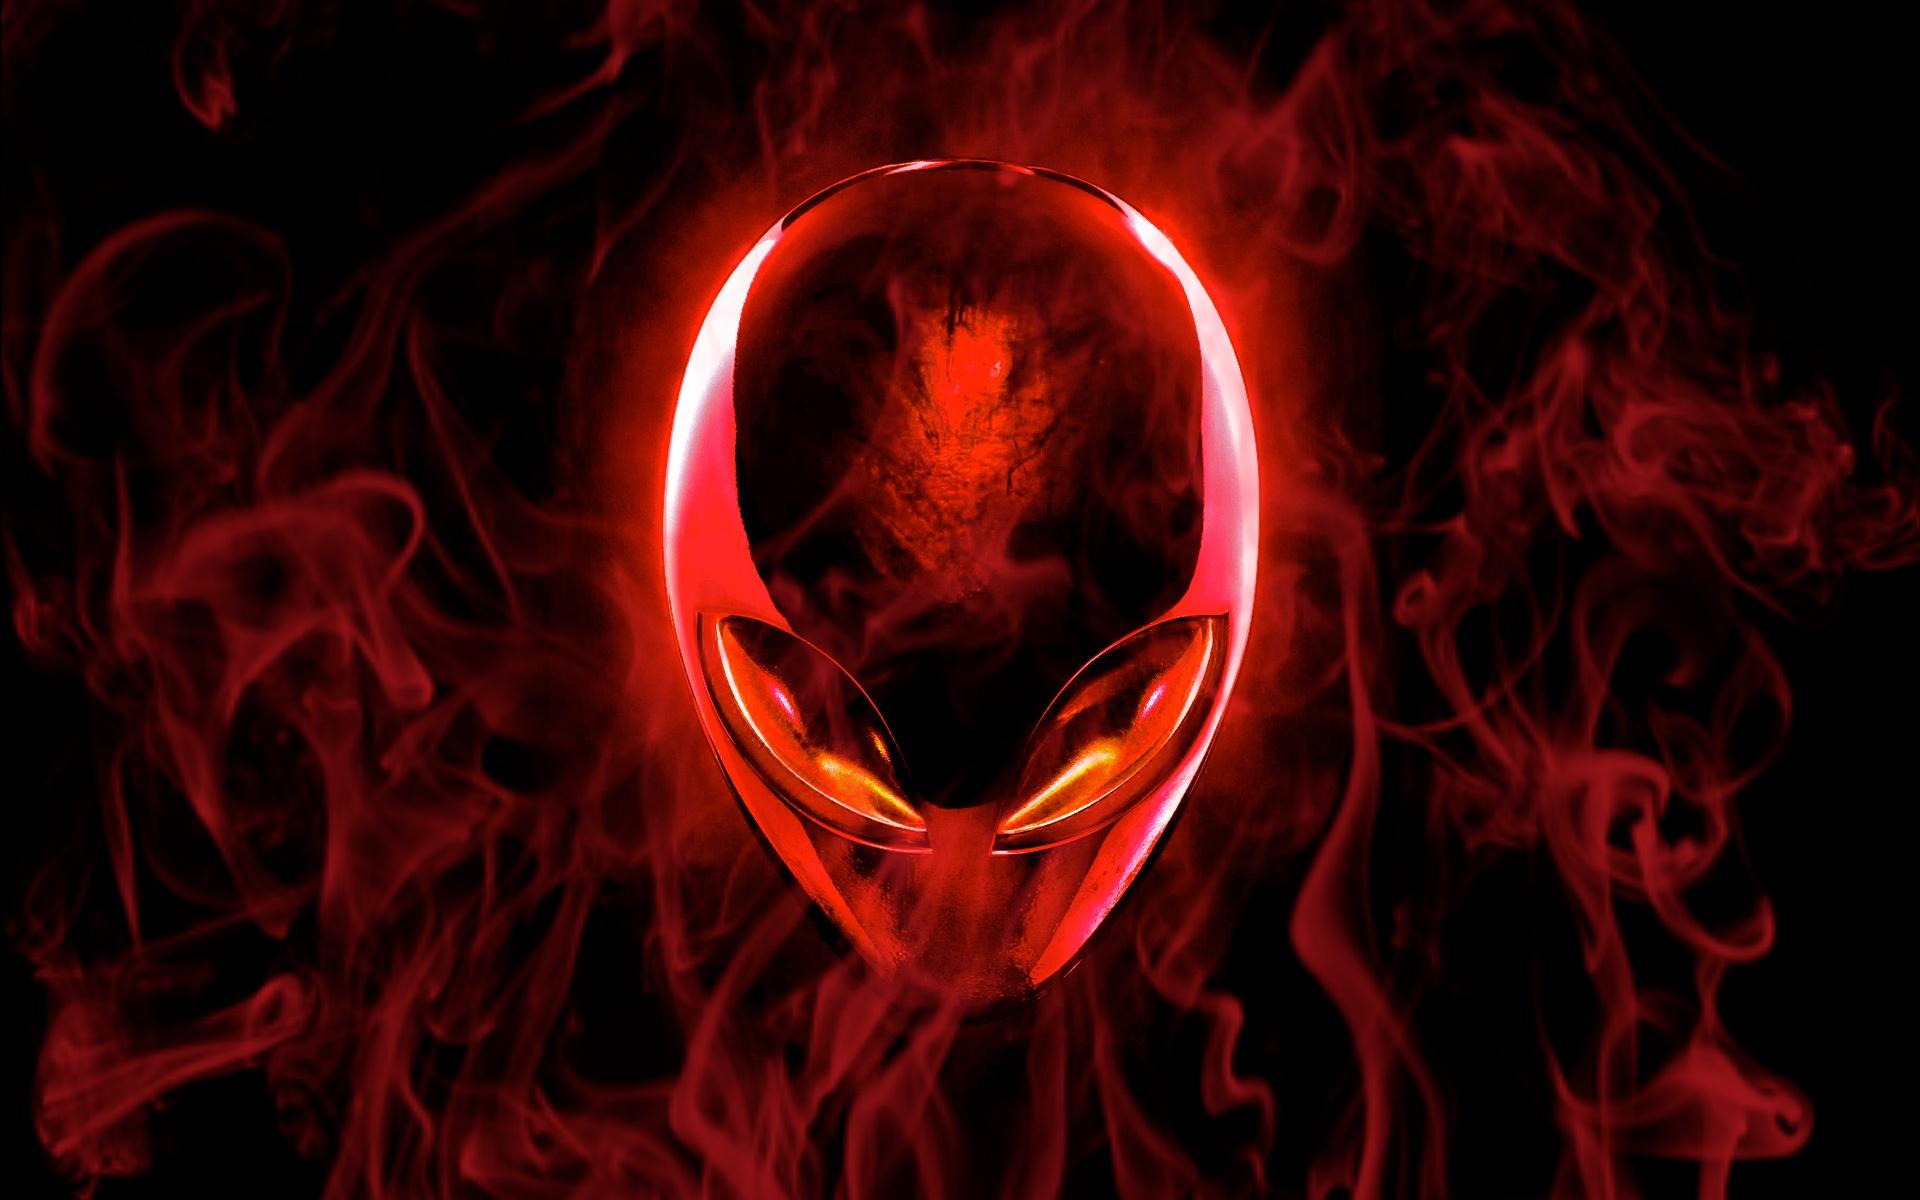 Gemeinsame Alienware Red Wallpaper - WallpaperSafari #VD_82